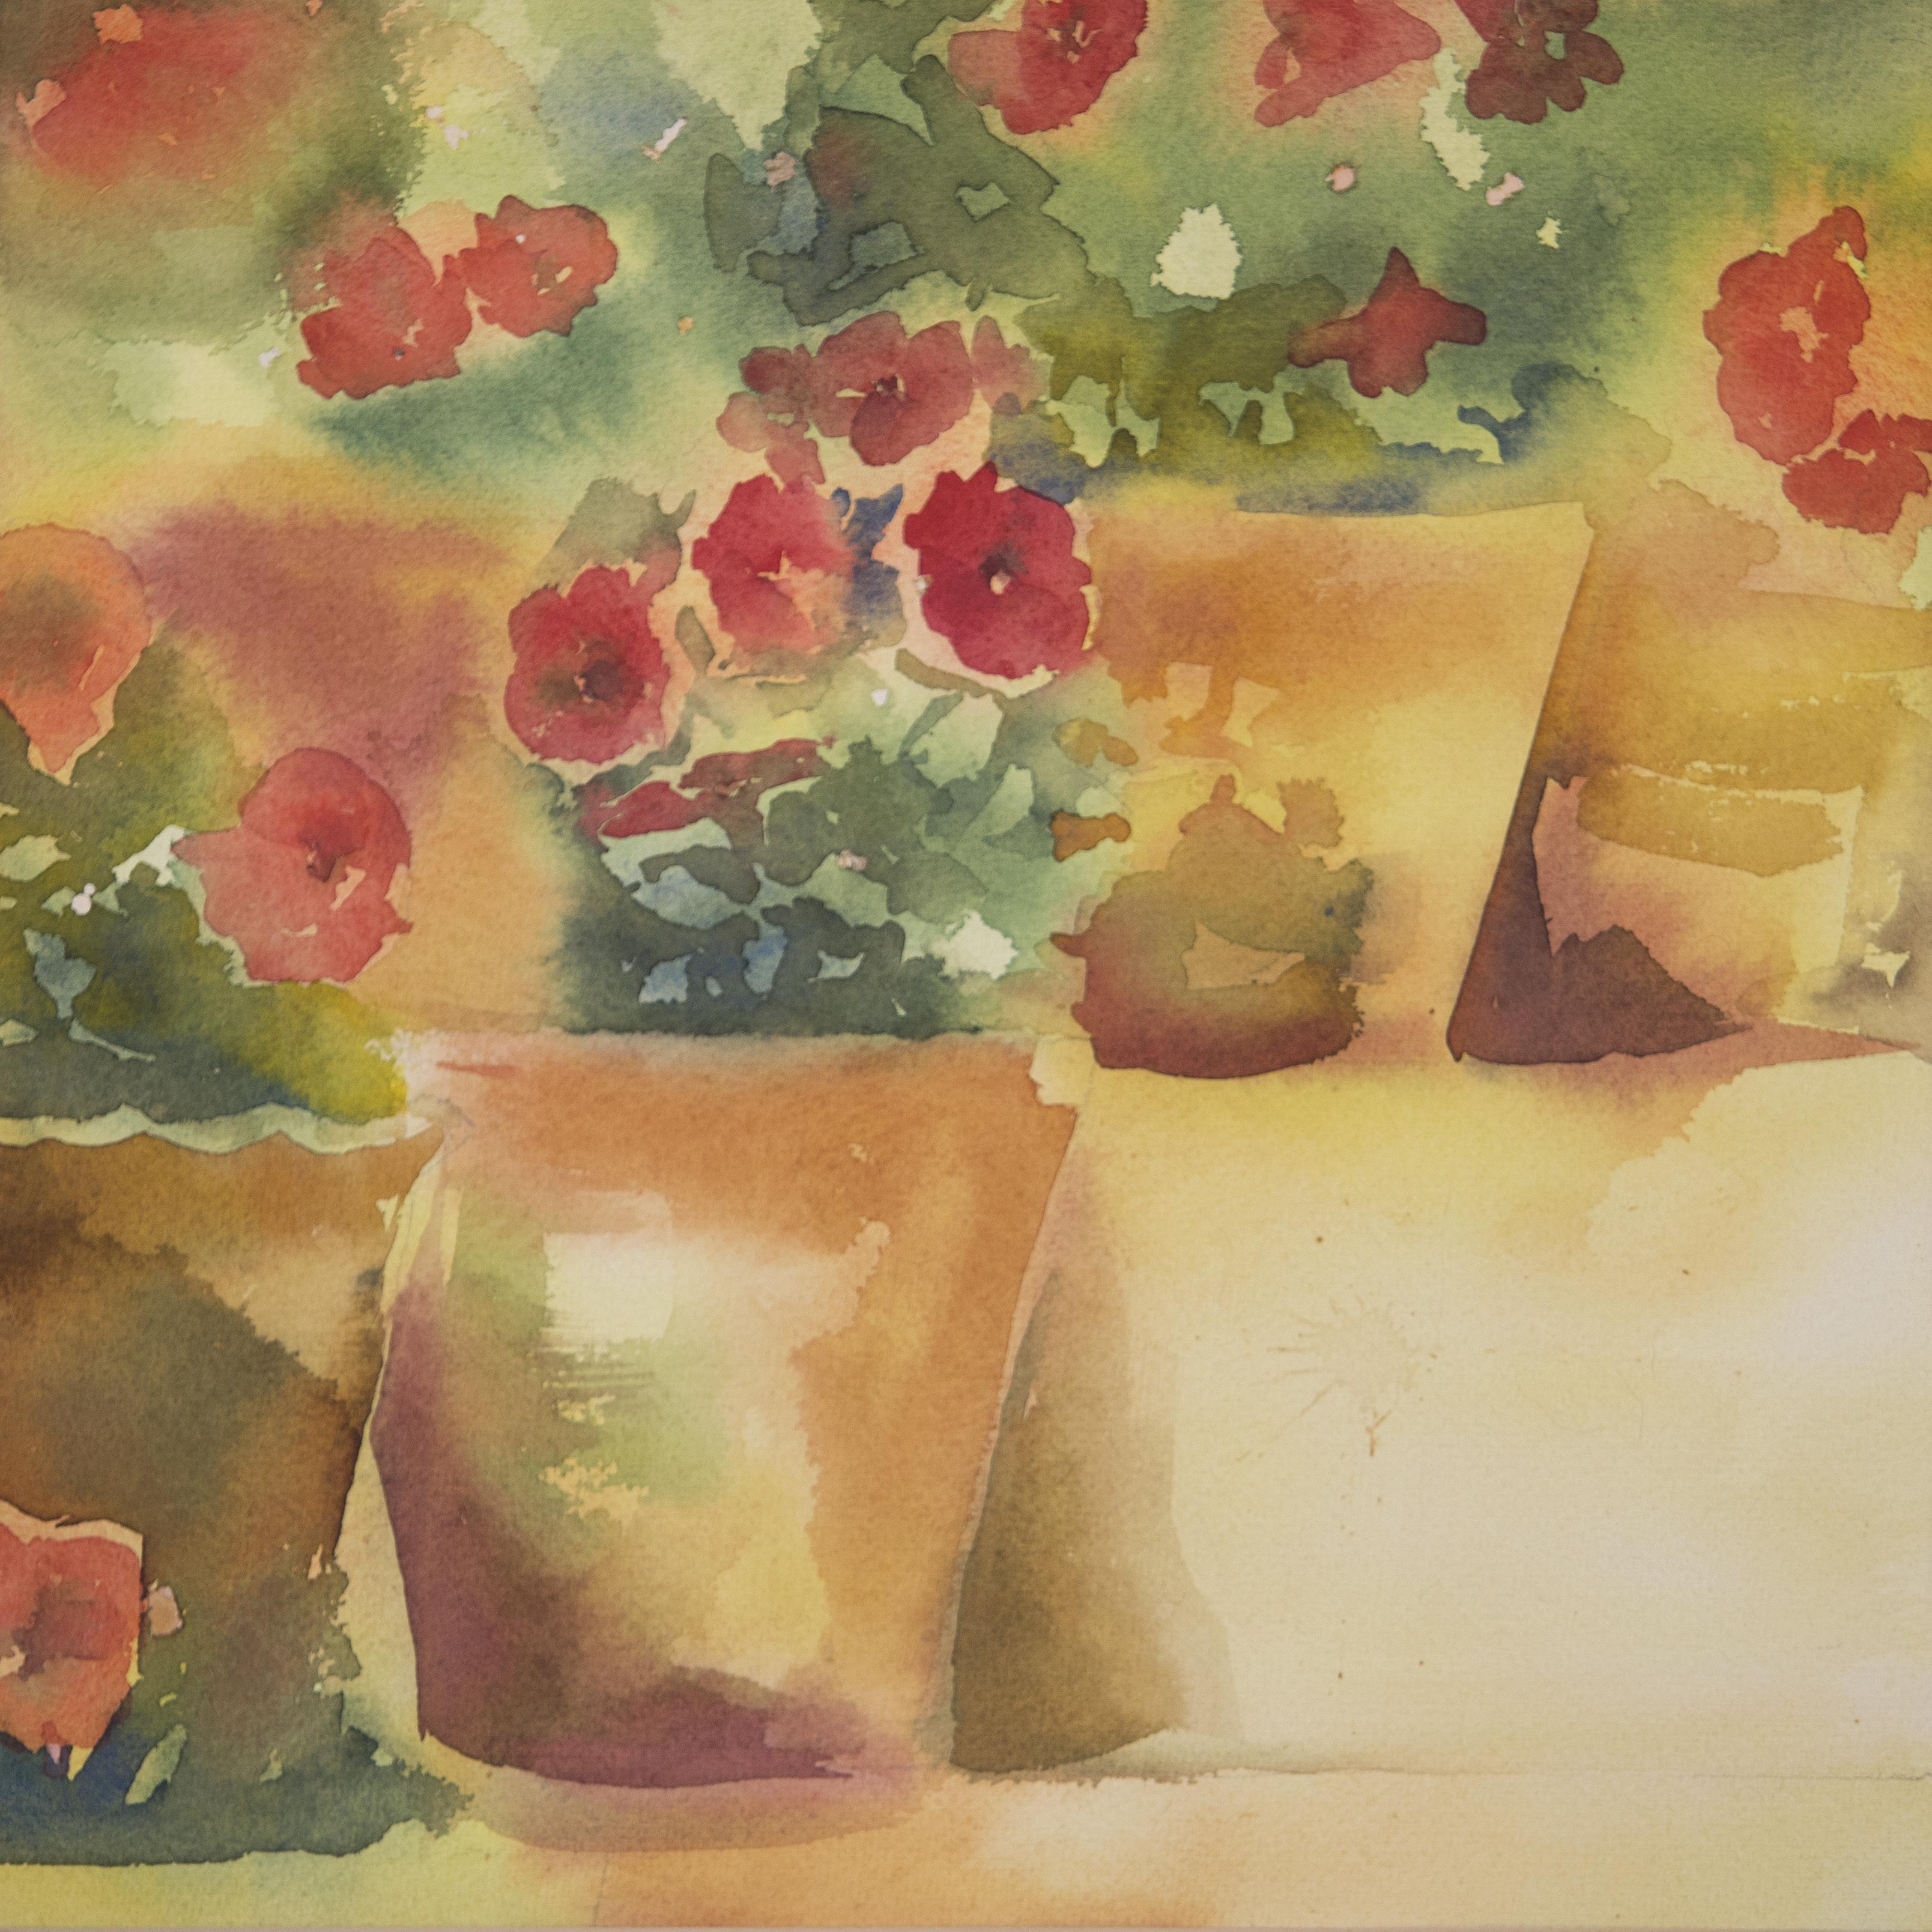 نقاشی آبرنگ گلدان های شعمدانی